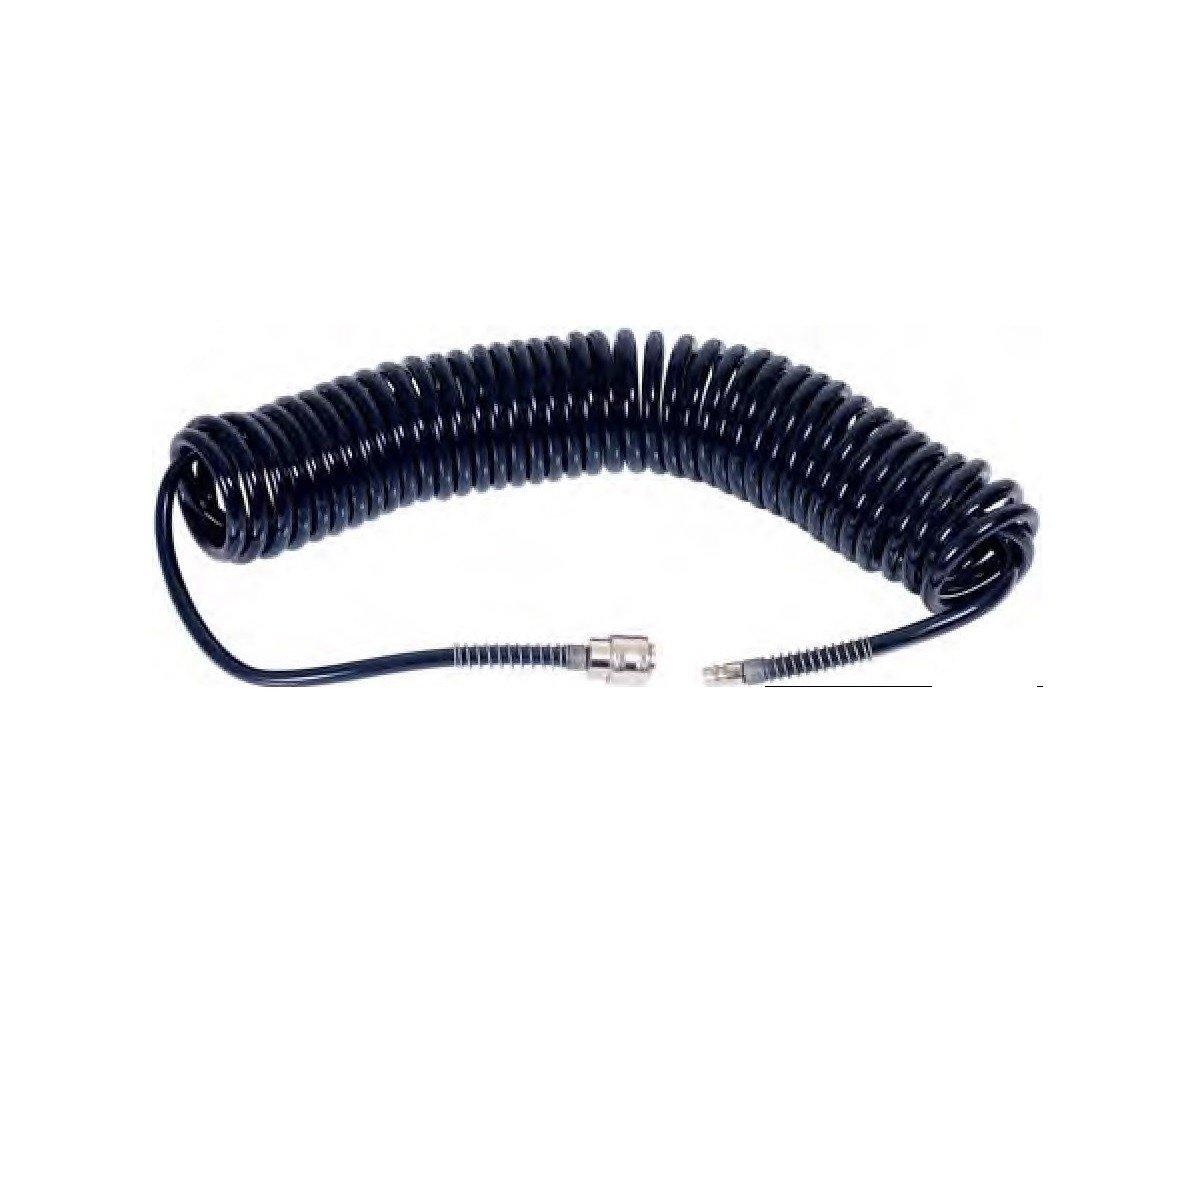 A42415 Шланг для пневмоинструмента спиральный 15 метров